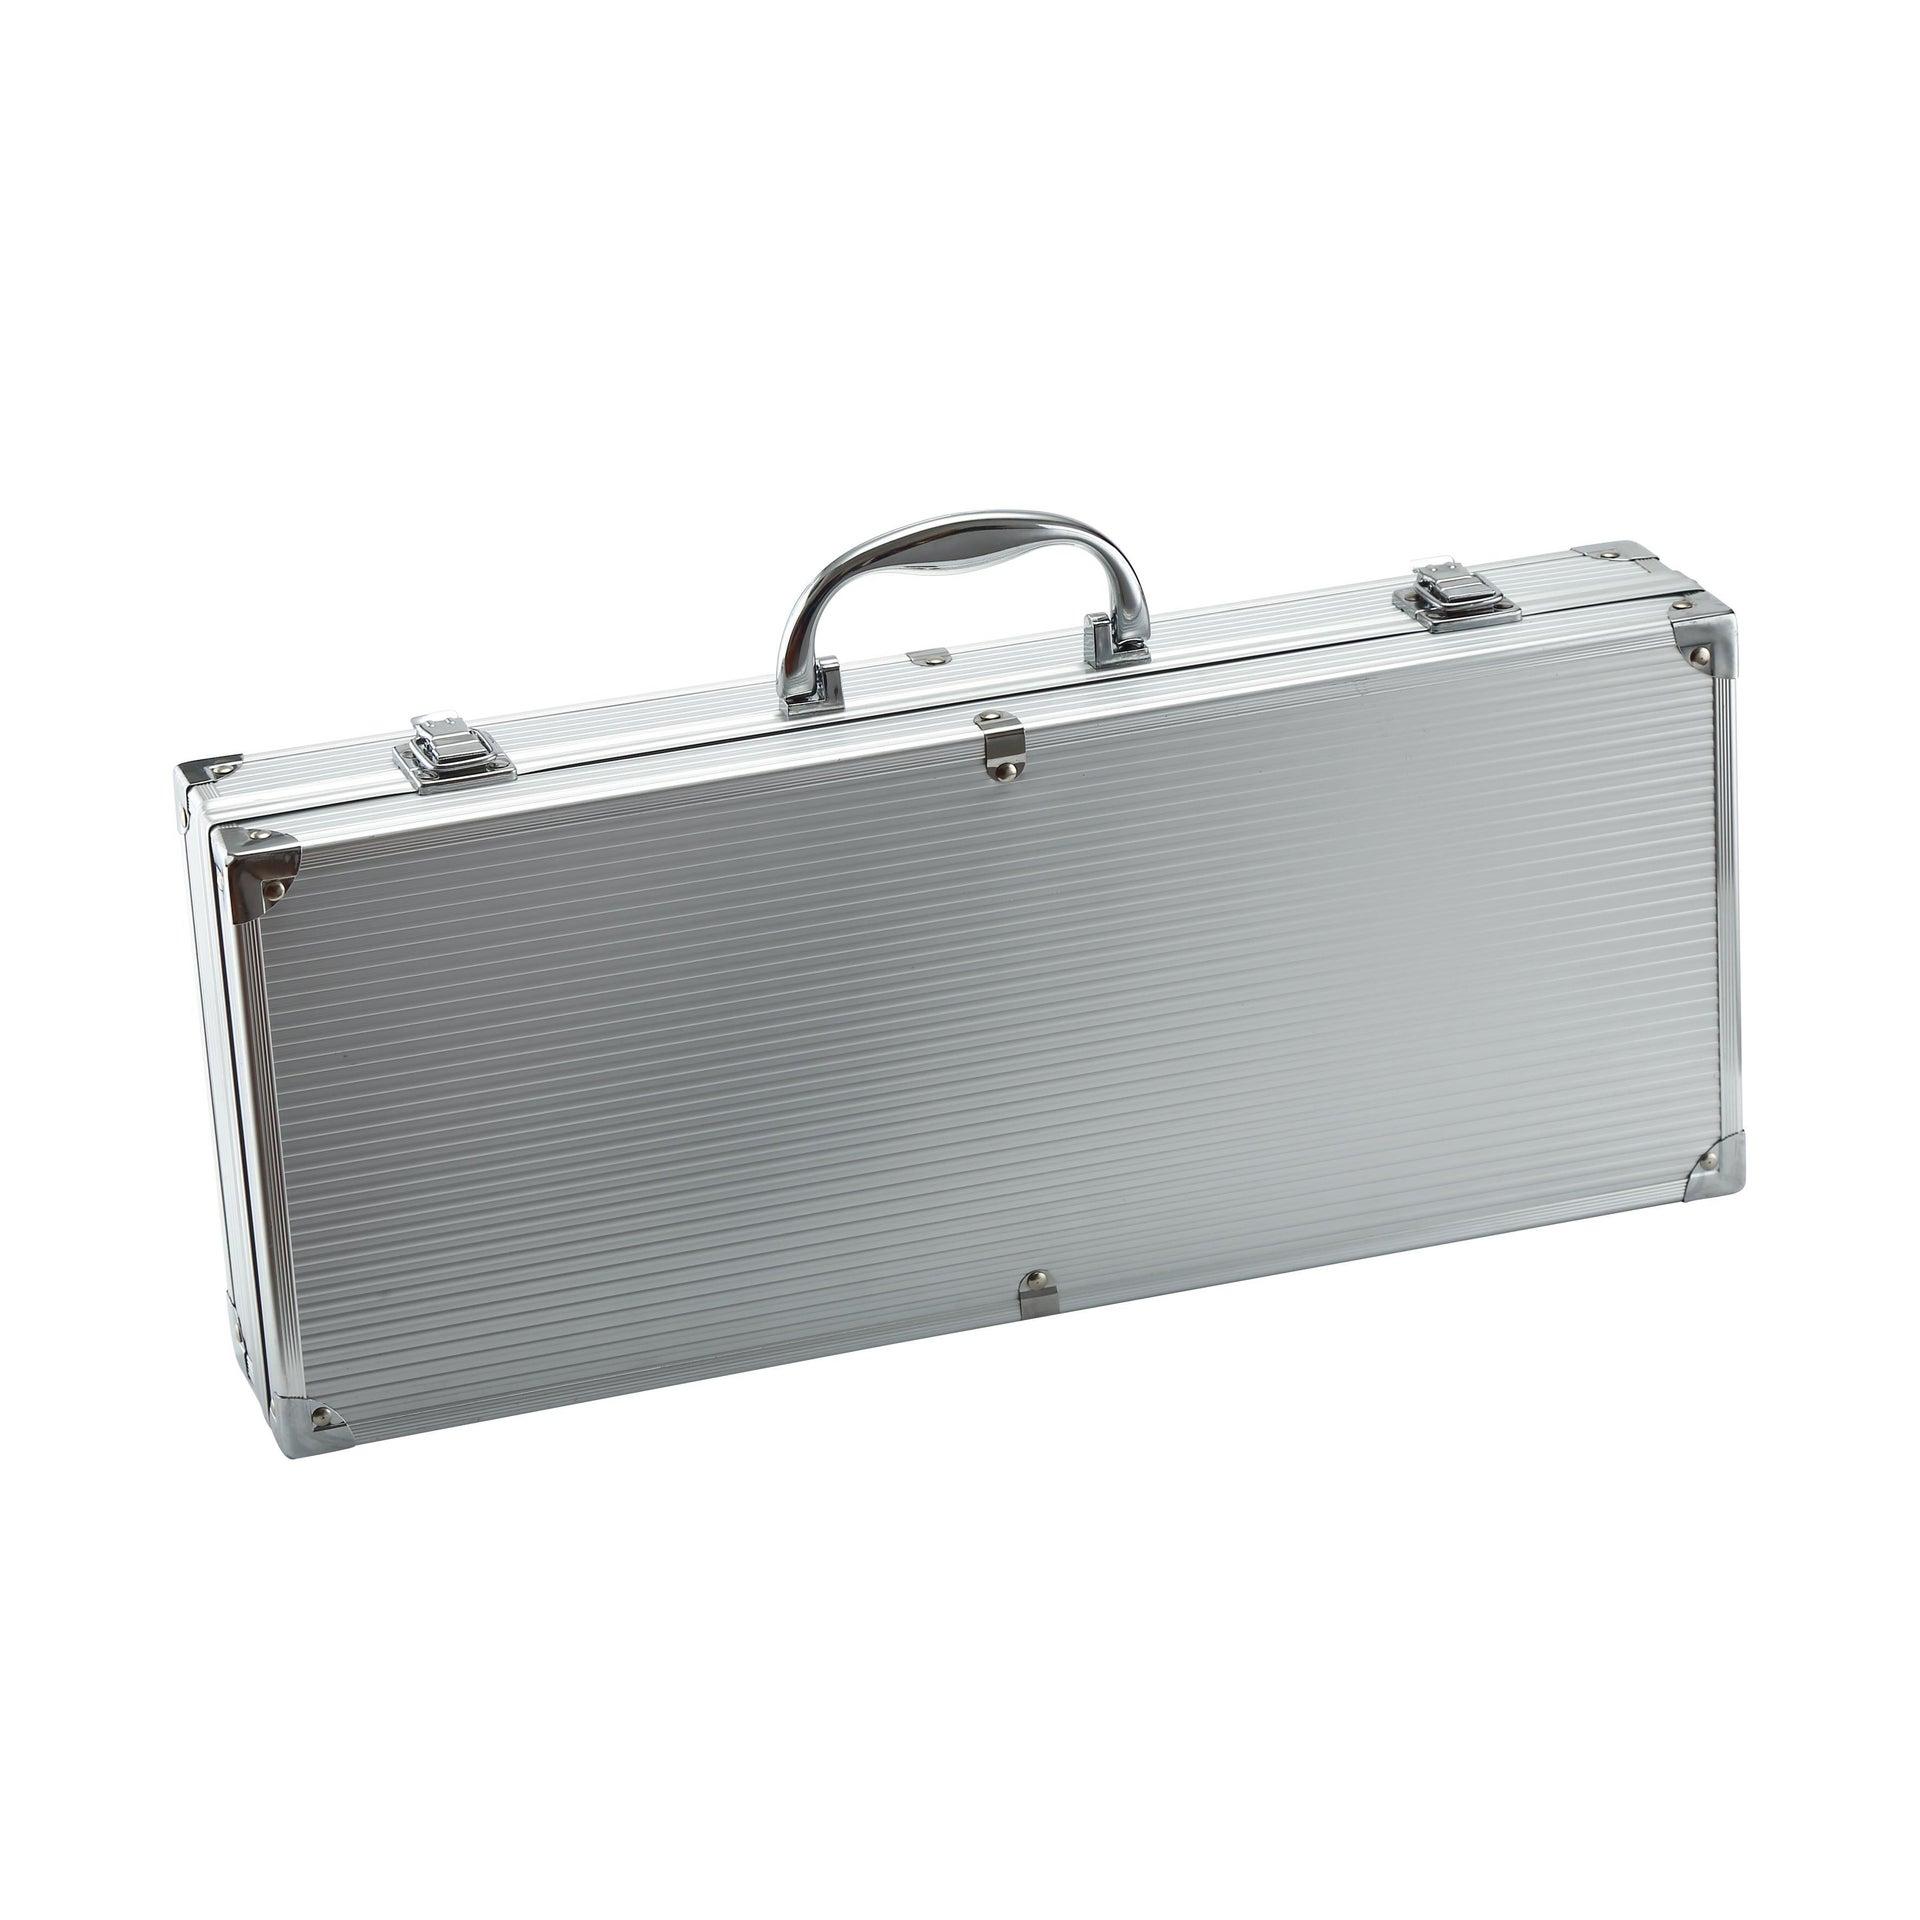 Kit utensili NATERIAL in inox - 3